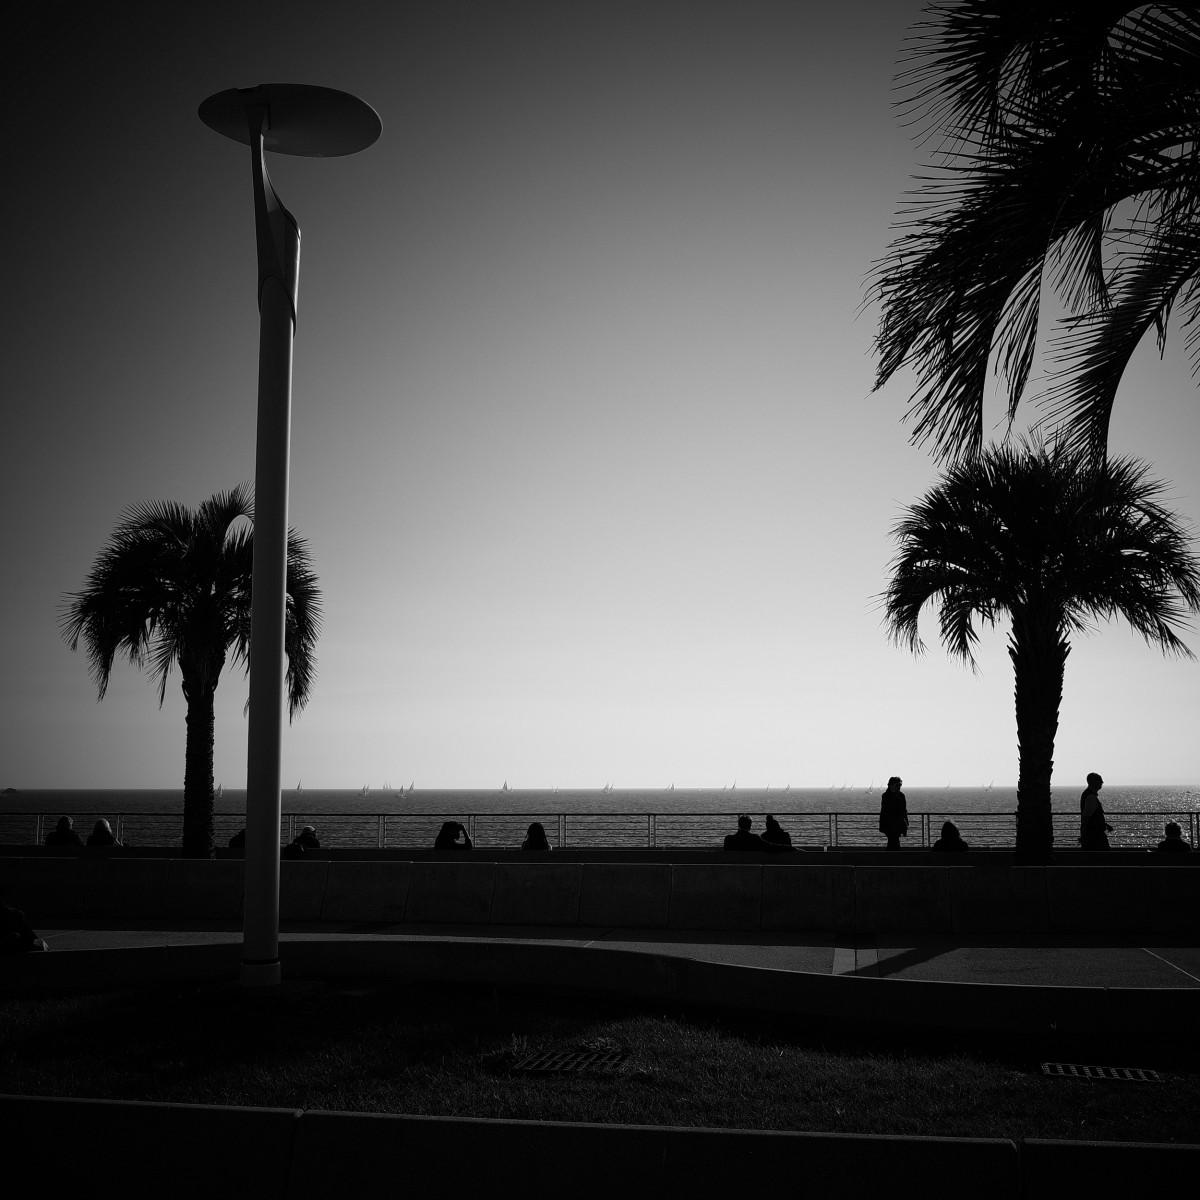 무료 이미지 : 나무, 실루엣, 구름, 검정색과 흰색, 건축물, 하늘 ...